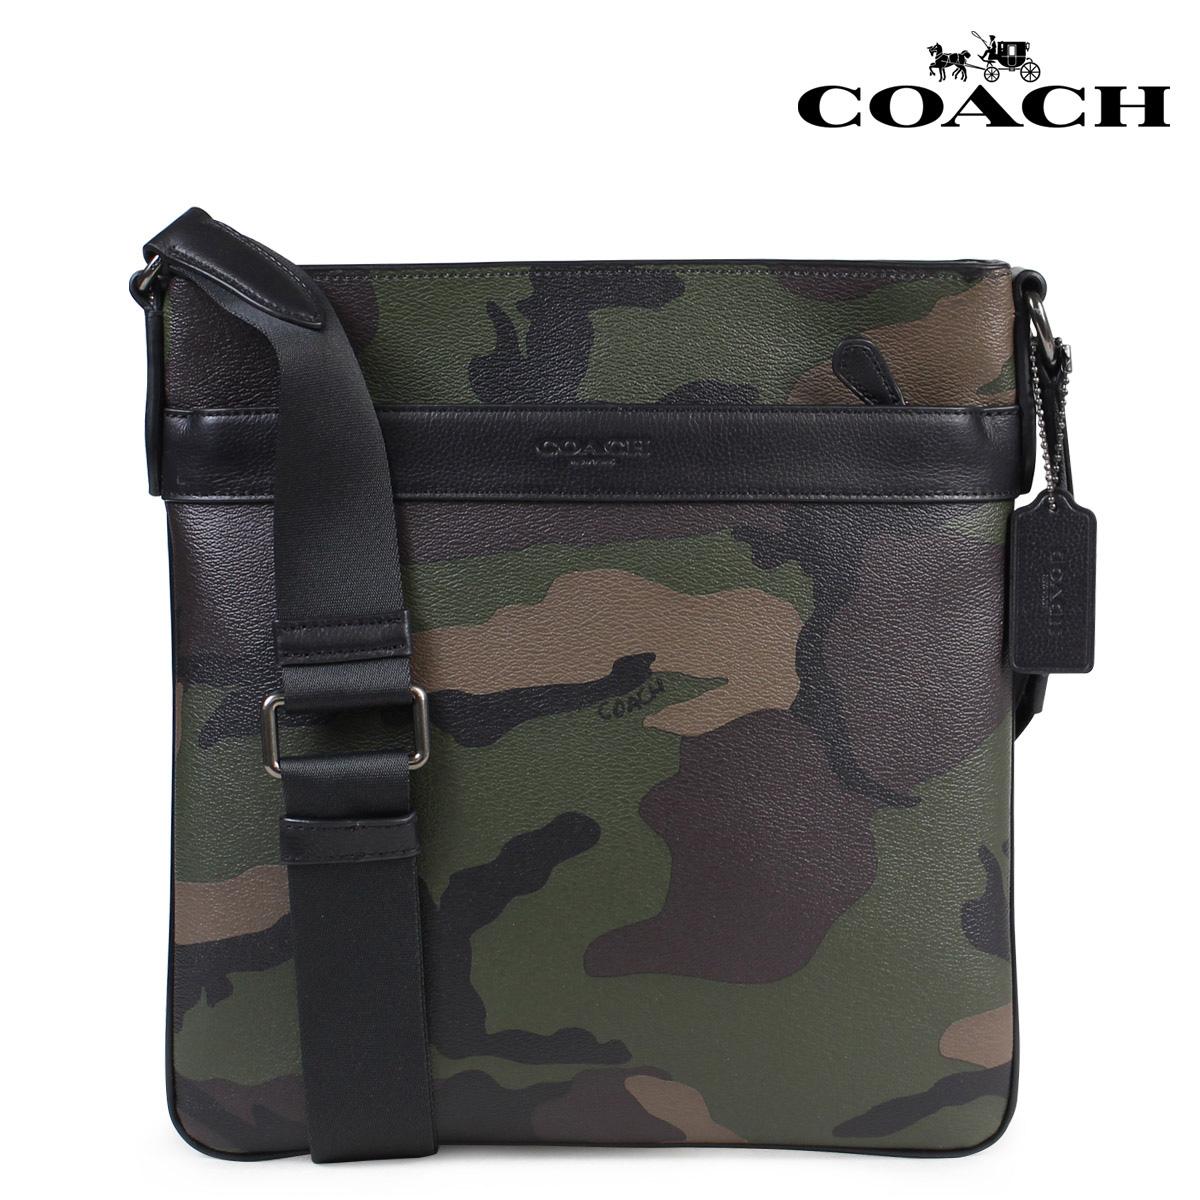 【訳あり】 COACH コーチ バッグ ショルダー メンズ 斜め掛け F59894 カモフラ 【返品不可】